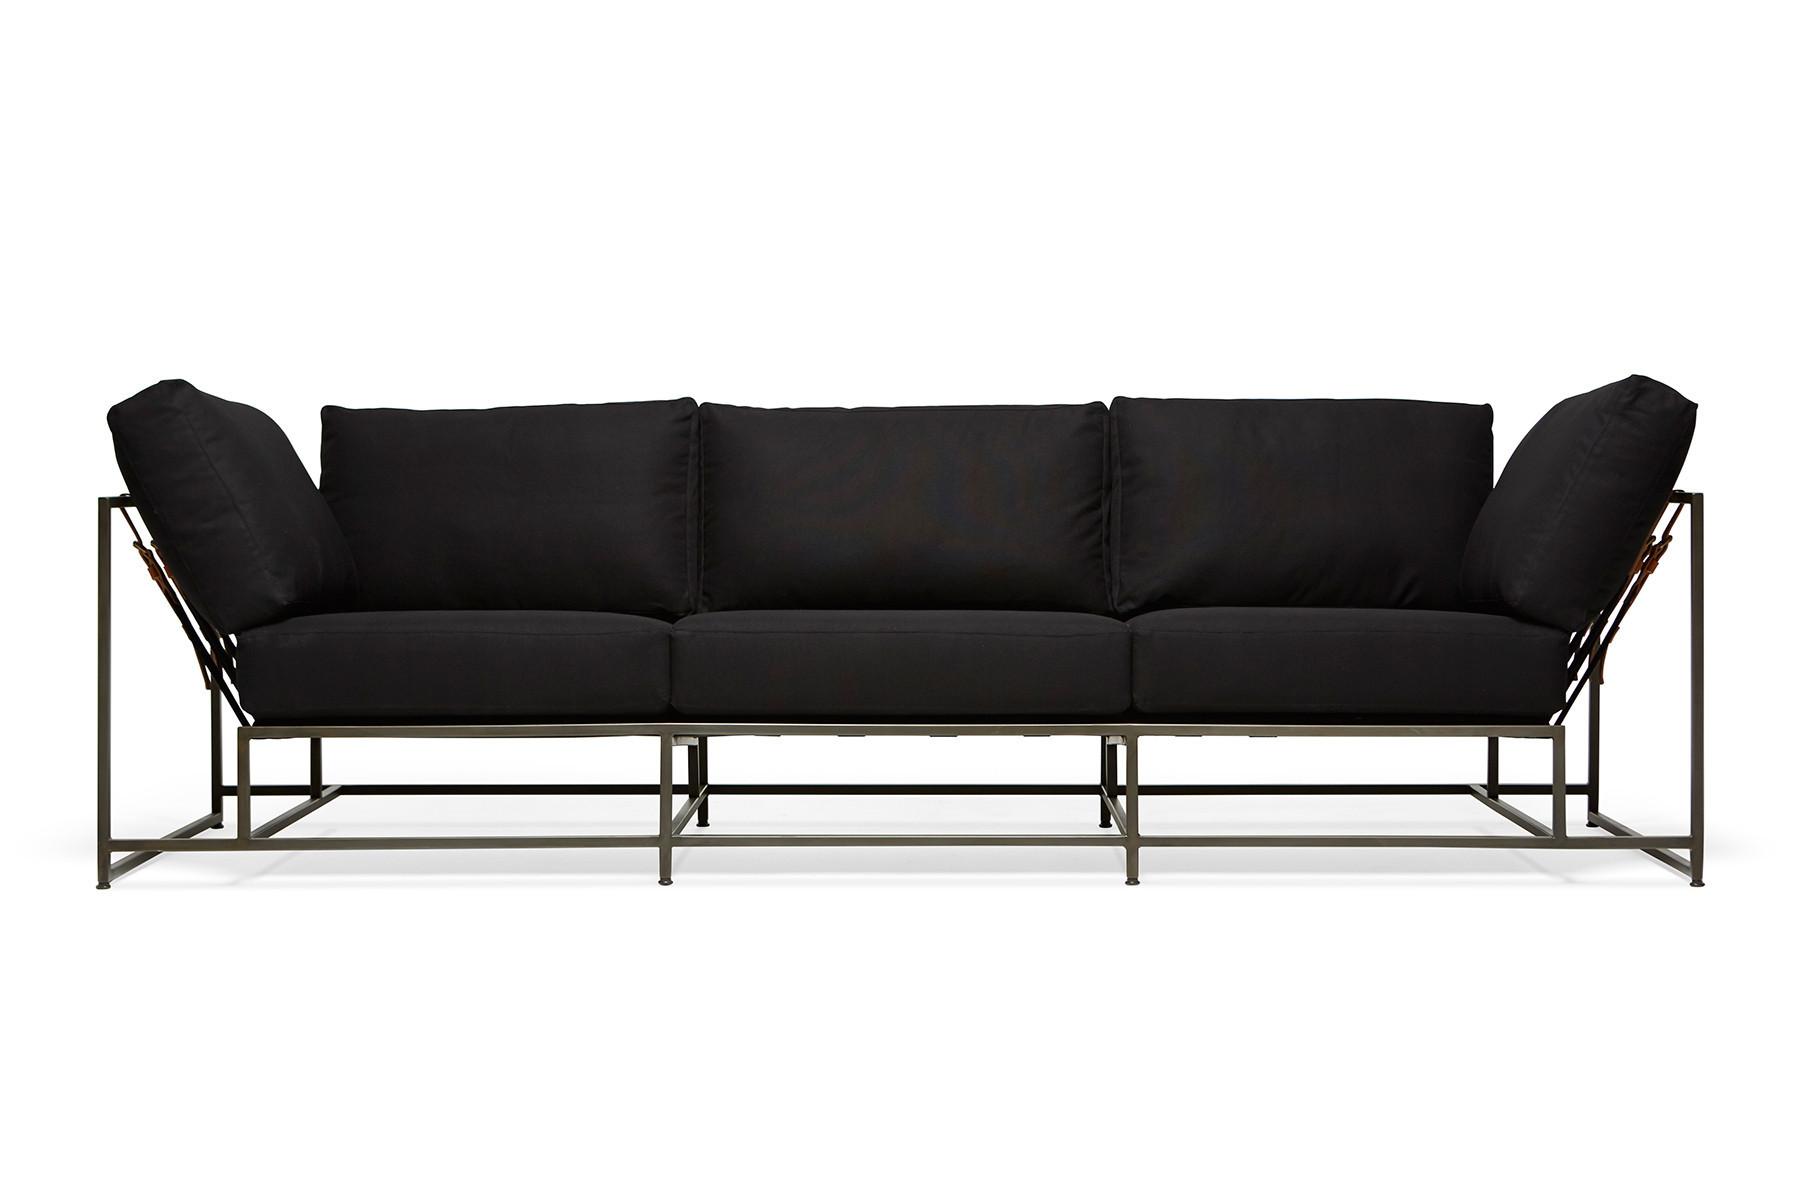 Трехместный диван КомфортДиваны четырехместные и более<br>&amp;lt;div&amp;gt;Комфорт и качество – это главные критерии при изготовлении мебели фабрики &amp;quot;The_Sofa&amp;quot;. Диваны и кресла линейки &amp;quot;Комфорт&amp;quot; удобны и просты в эксплуатации, изготовлены из натуральных материалов. Исключительно ручная работа на всех этапах производства. Простота конструкции дивана, выполненного в стиле лофт, делает его не только привлекательным на вид, но и очень надежным, исключает неудобства при уборке в помещении, и позволяет с легкостью удалять скапливающуюся под ним пыль. Поддерживающие ремни выполнены из высококачественной, износостойкой, ременной, натуральной кожи. Наши диваны и кресла существенно легки, по сравнению с любыми другими диванами и креслами, такой же посадки (двух, трёх местными), что позволяет без труда перемещать их, в случае необходимости.&amp;amp;nbsp;&amp;lt;/div&amp;gt;&amp;lt;div&amp;gt;&amp;lt;br&amp;gt;&amp;lt;/div&amp;gt;&amp;lt;div&amp;gt;Металлическая рама окрашивается порошковым составом и имеет матовое покрытие. Обволакивающая спинка для дополнительной поддержки спины. Обивка изготовлена из высокопрочного и износостойкого материала. Каждый диван проходит несколько ступеней проверки качества, перед отправкой покупателю. Современный дизайн и не обычная конструкция, подчеркнет ваш изысканный вкус и чувство стиля, а возможность применять абсолютно любые цвета обивки, разнообразный материал обивки и возможность изменения цвета каркаса, позволит гармонично вписать продукцию &amp;quot;The_Sofa&amp;quot; в абсолютно любой интерьер.&amp;amp;nbsp;&amp;lt;/div&amp;gt;&amp;lt;div&amp;gt;&amp;lt;br&amp;gt;&amp;lt;/div&amp;gt;&amp;lt;div&amp;gt;В комплект входят 8 подушек, металлокаркас, 20 ремней.&amp;lt;/div&amp;gt;<br><br>Material: Текстиль<br>Ширина см: 263<br>Высота см: 63<br>Глубина см: 90